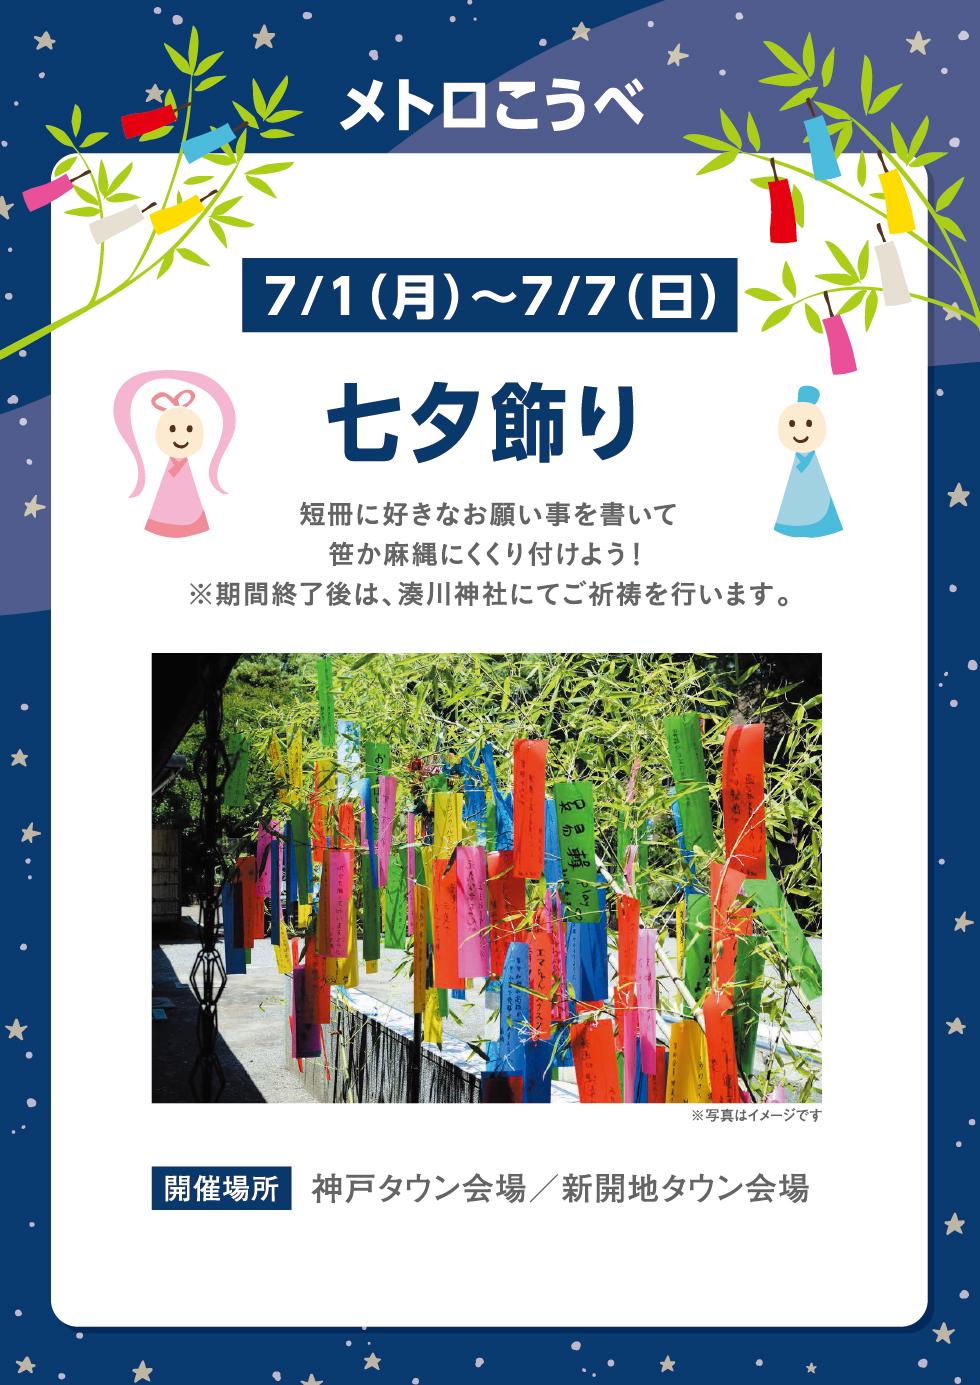 2019年7月1日~7日 短冊に願いをこめて「メトロこうべ 七夕飾り」を開催します!